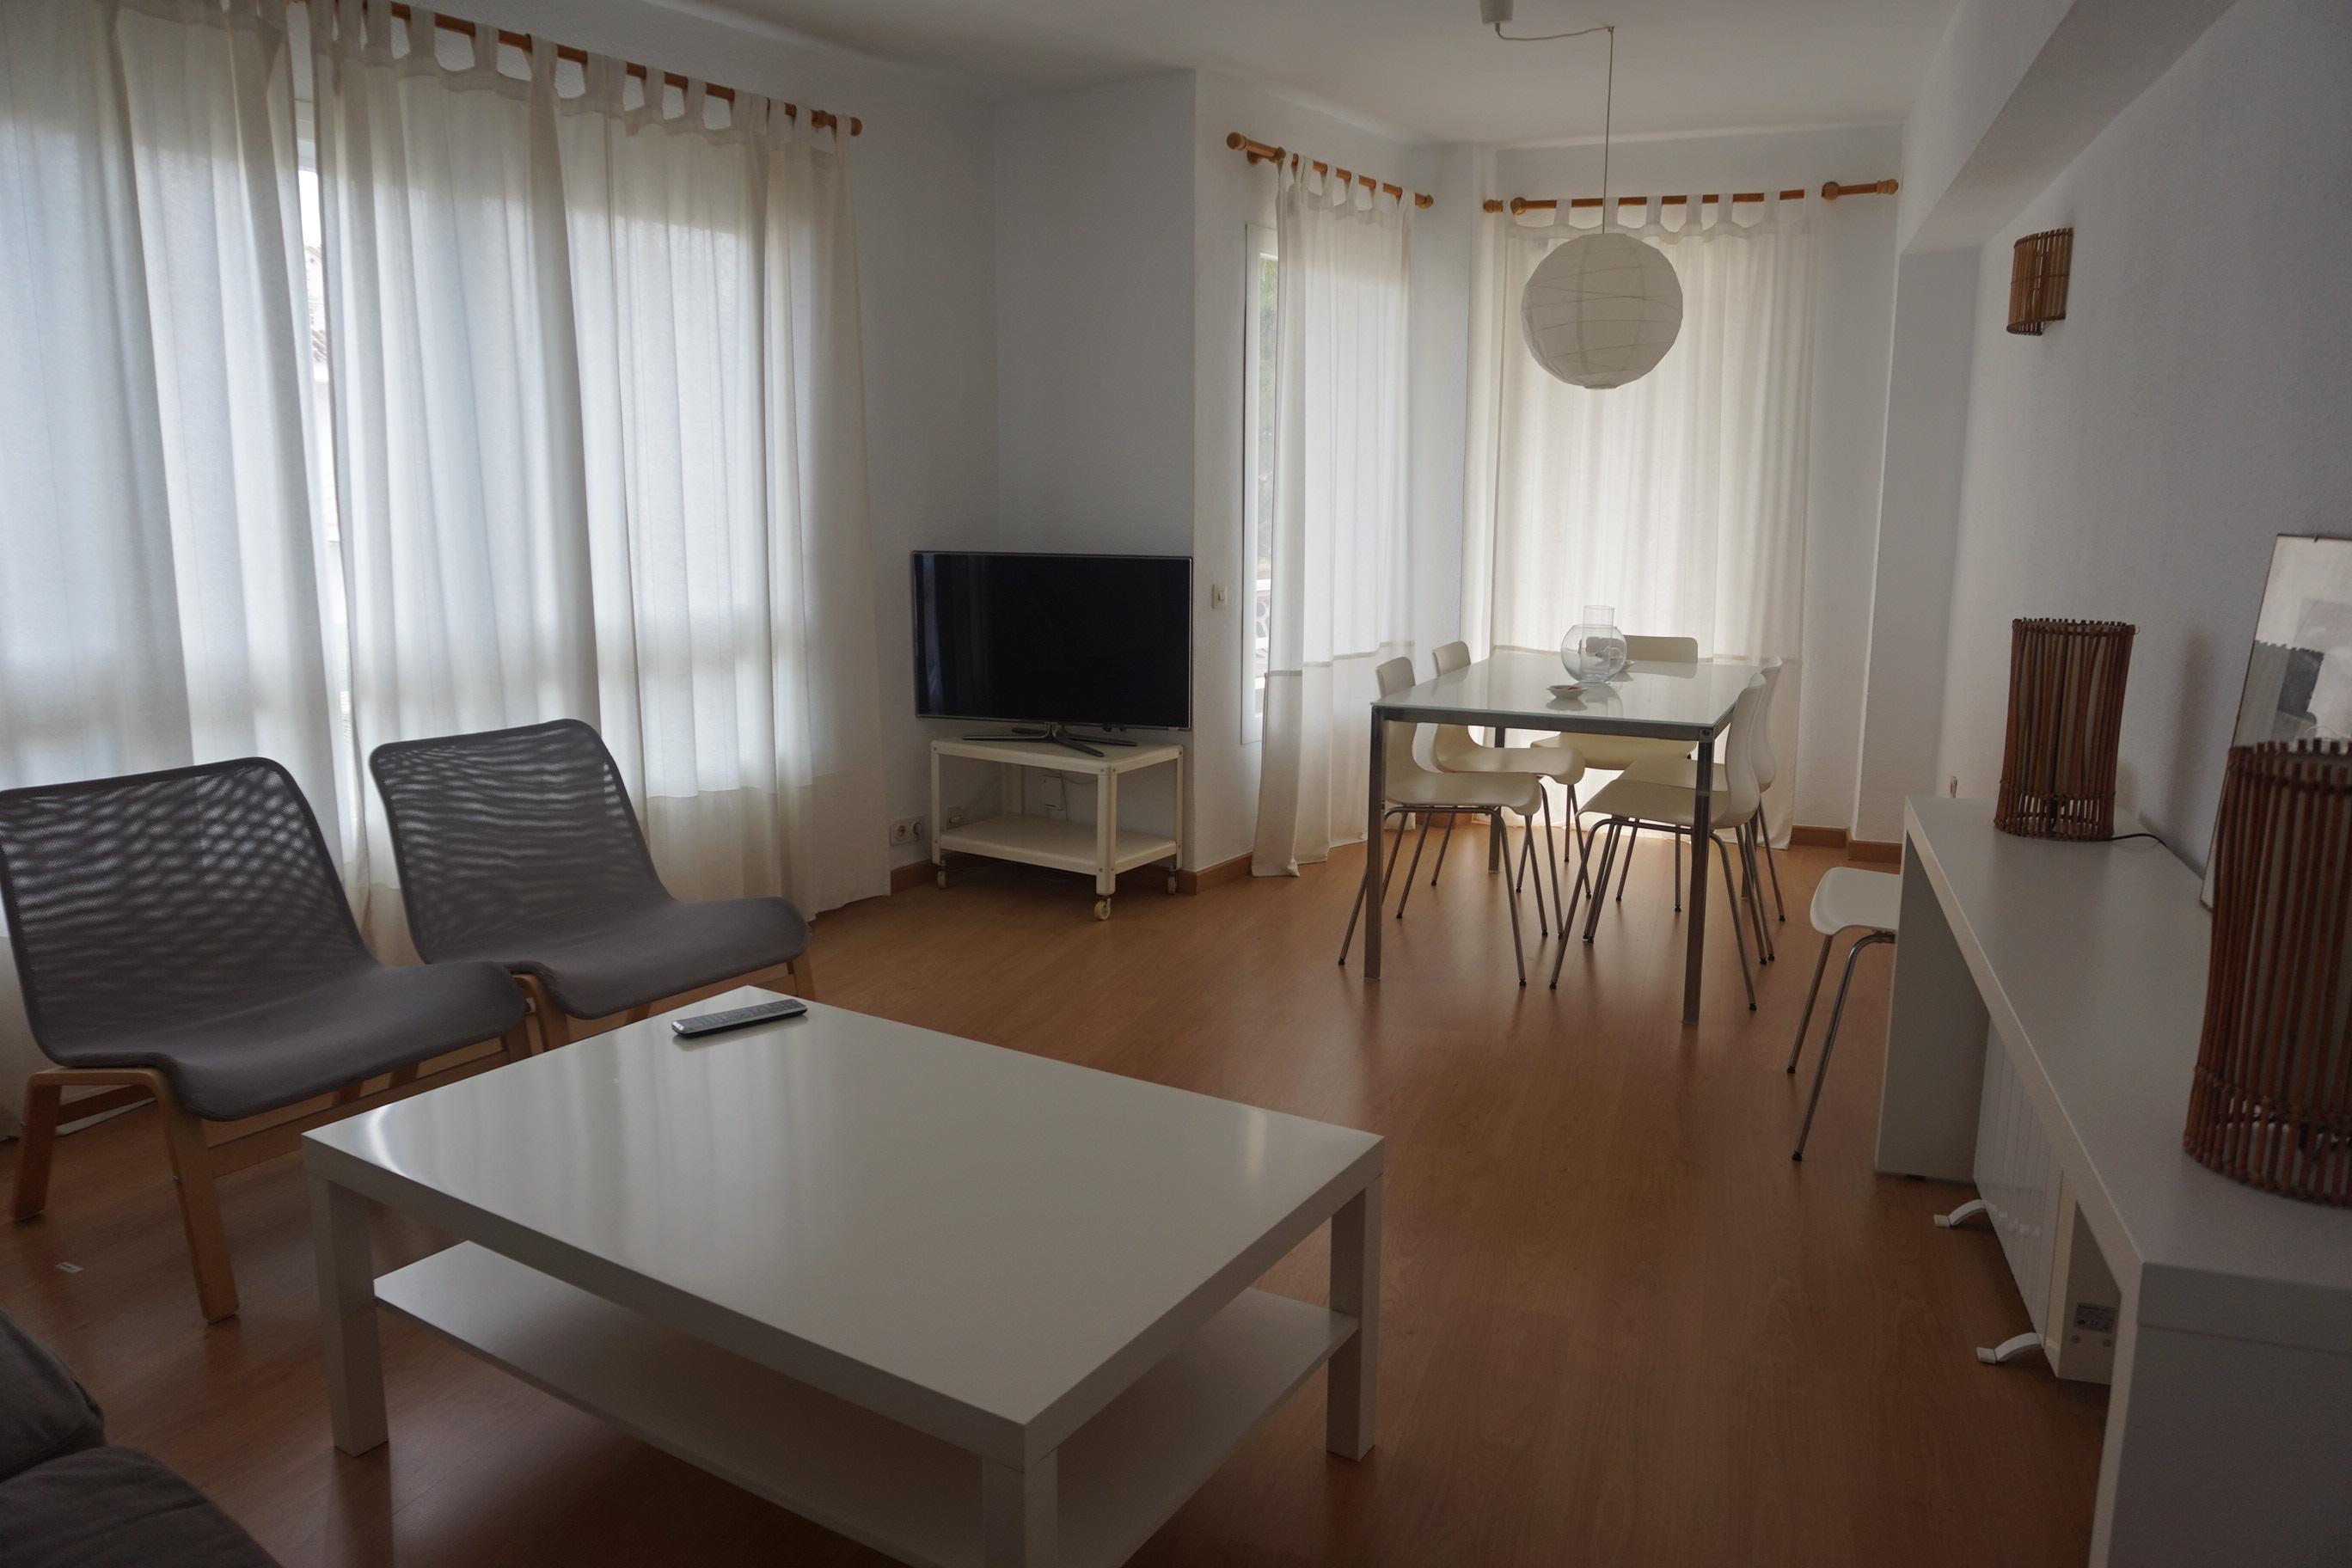 Lloguer Pis  Puerto de andratx. Apartamento en pleno centro totalmente amueblado.